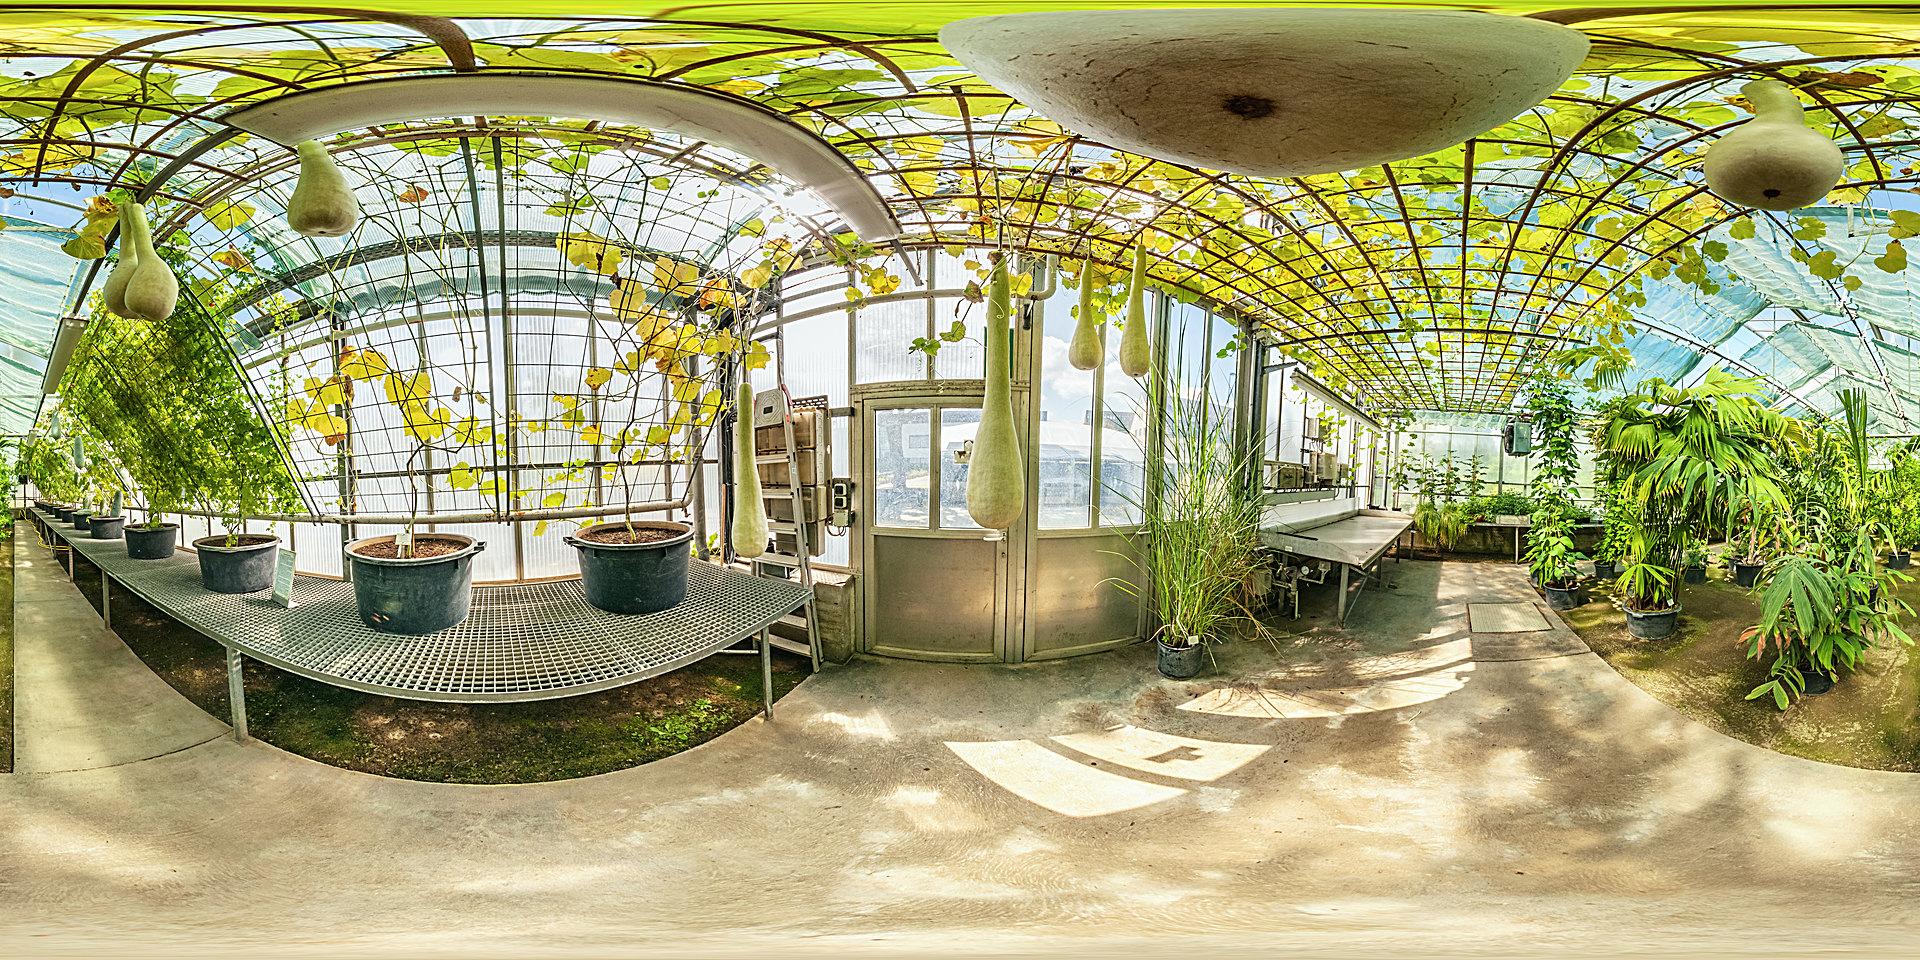 botanischer garten mainz gew chshaus tropische. Black Bedroom Furniture Sets. Home Design Ideas